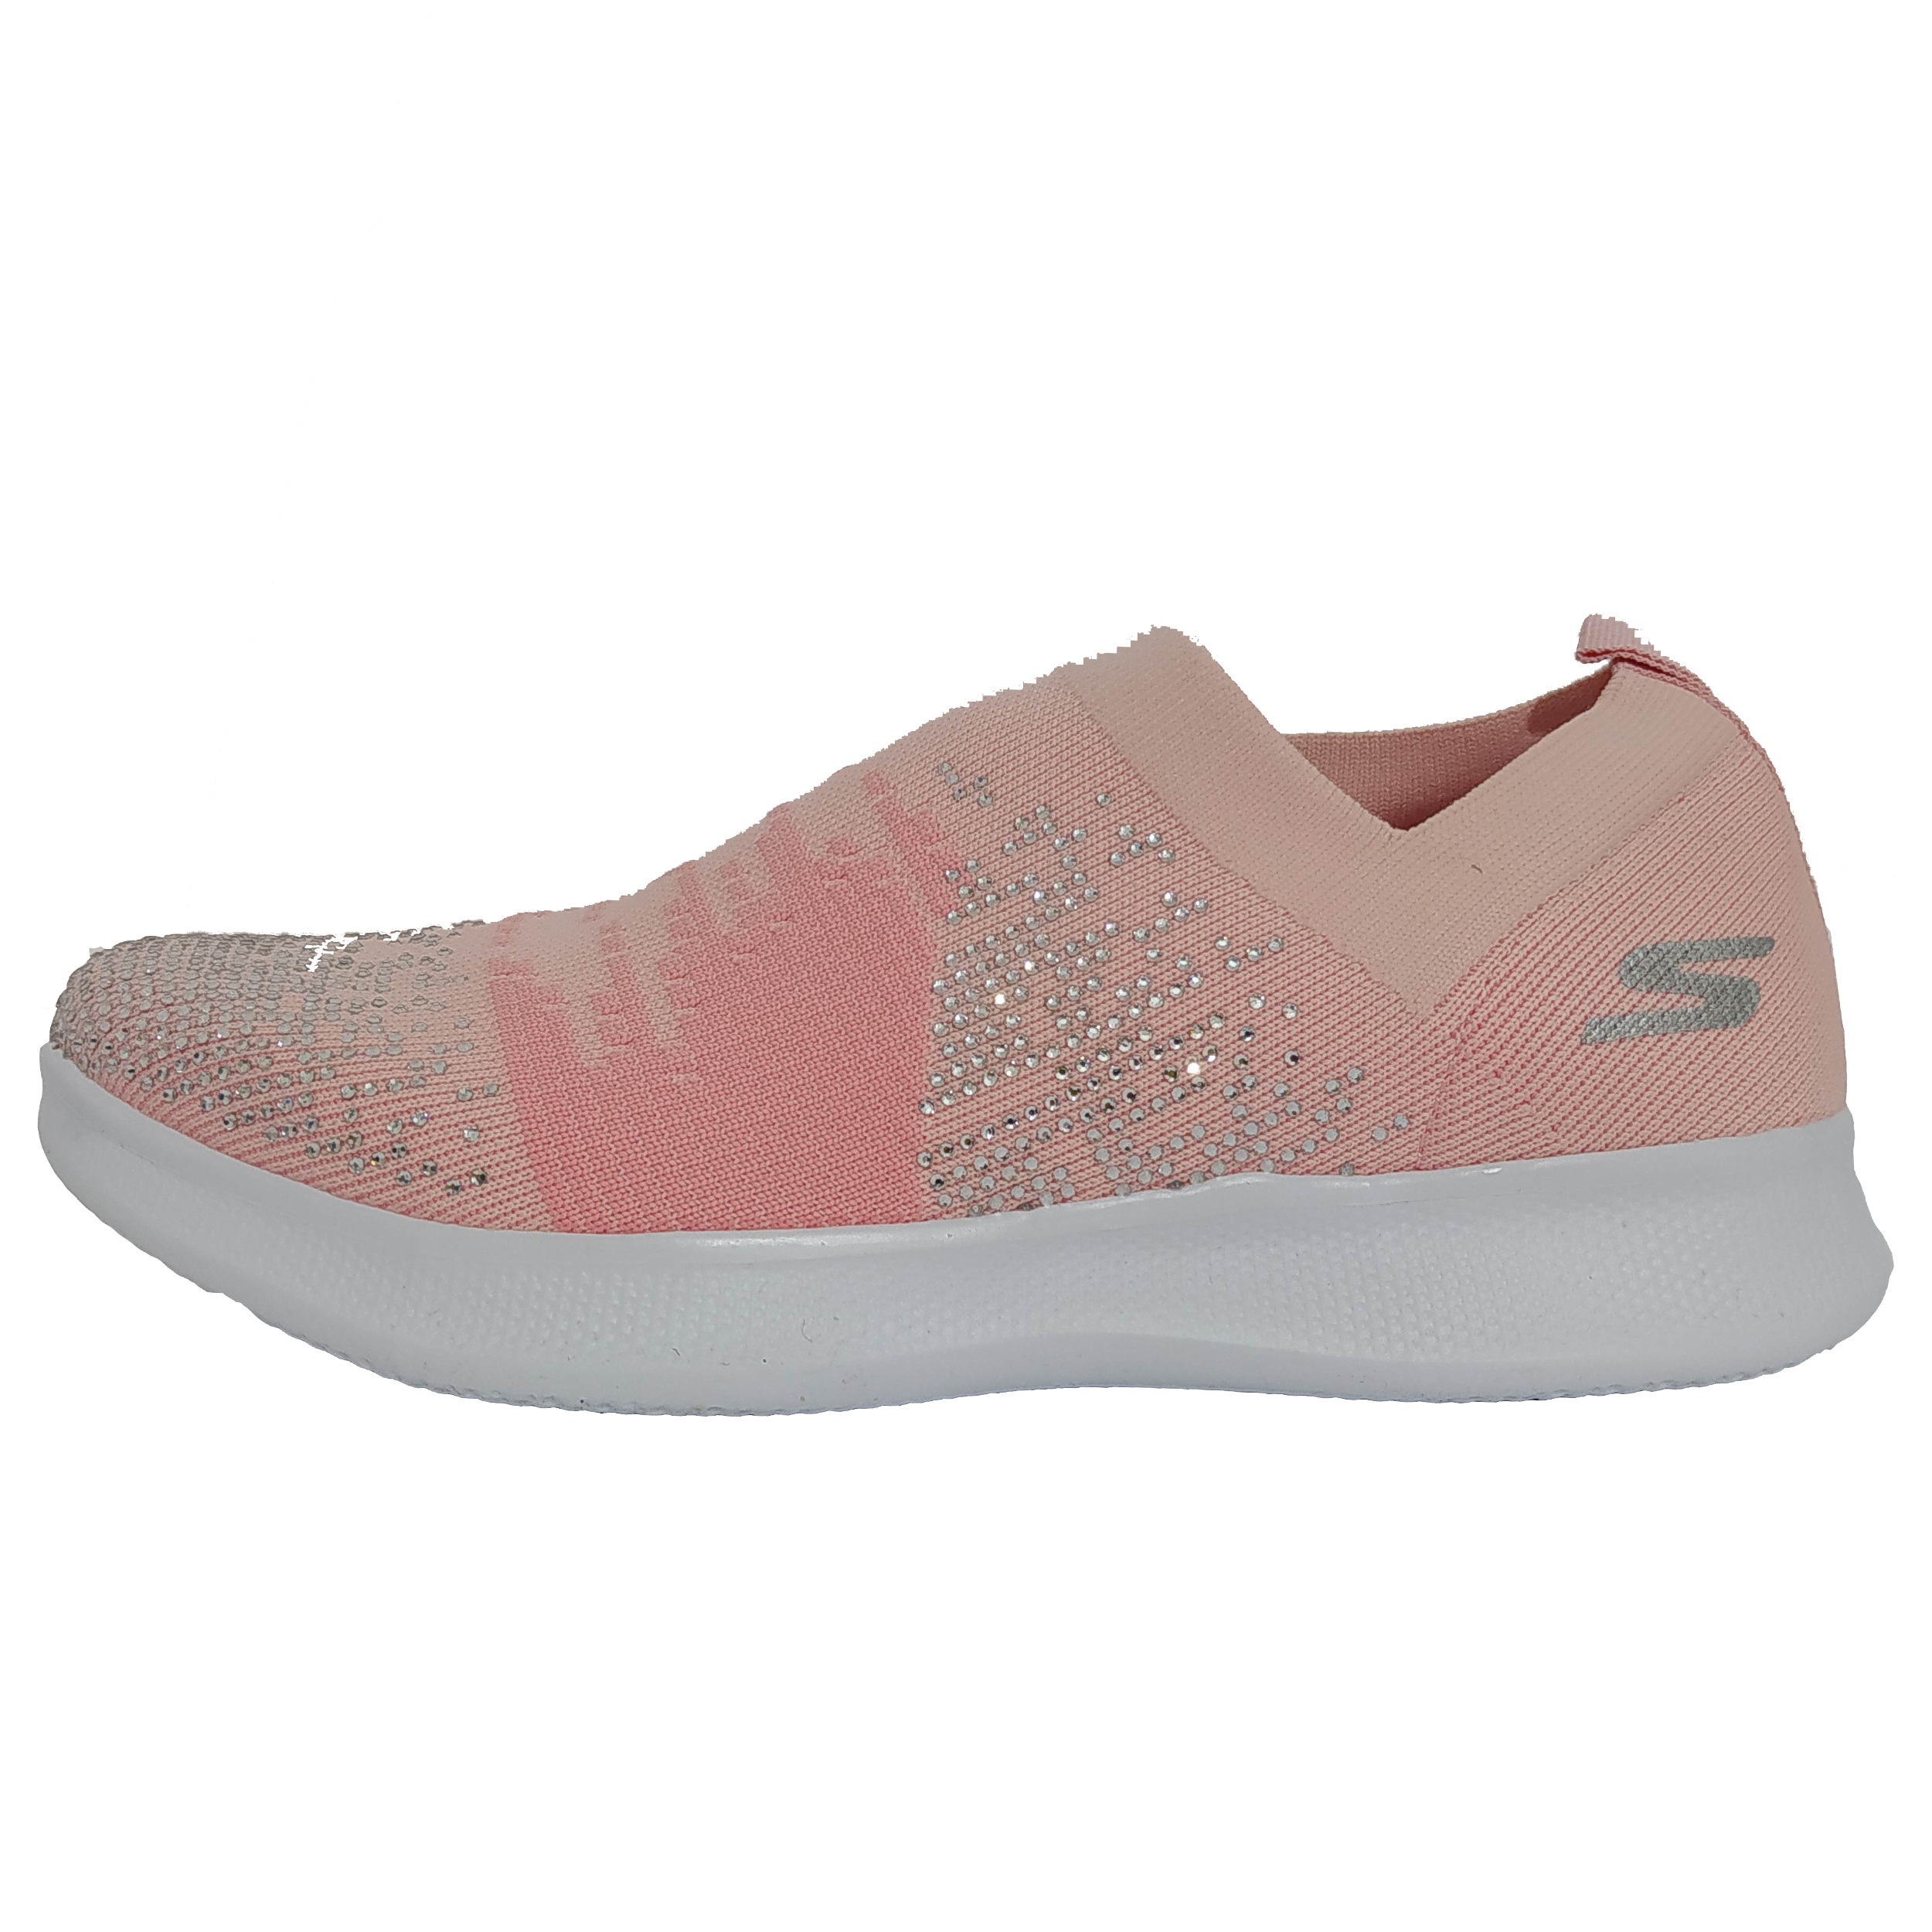 کفش پیاده روی زنانه اسکچرز مدل GO WALK L52              خرید